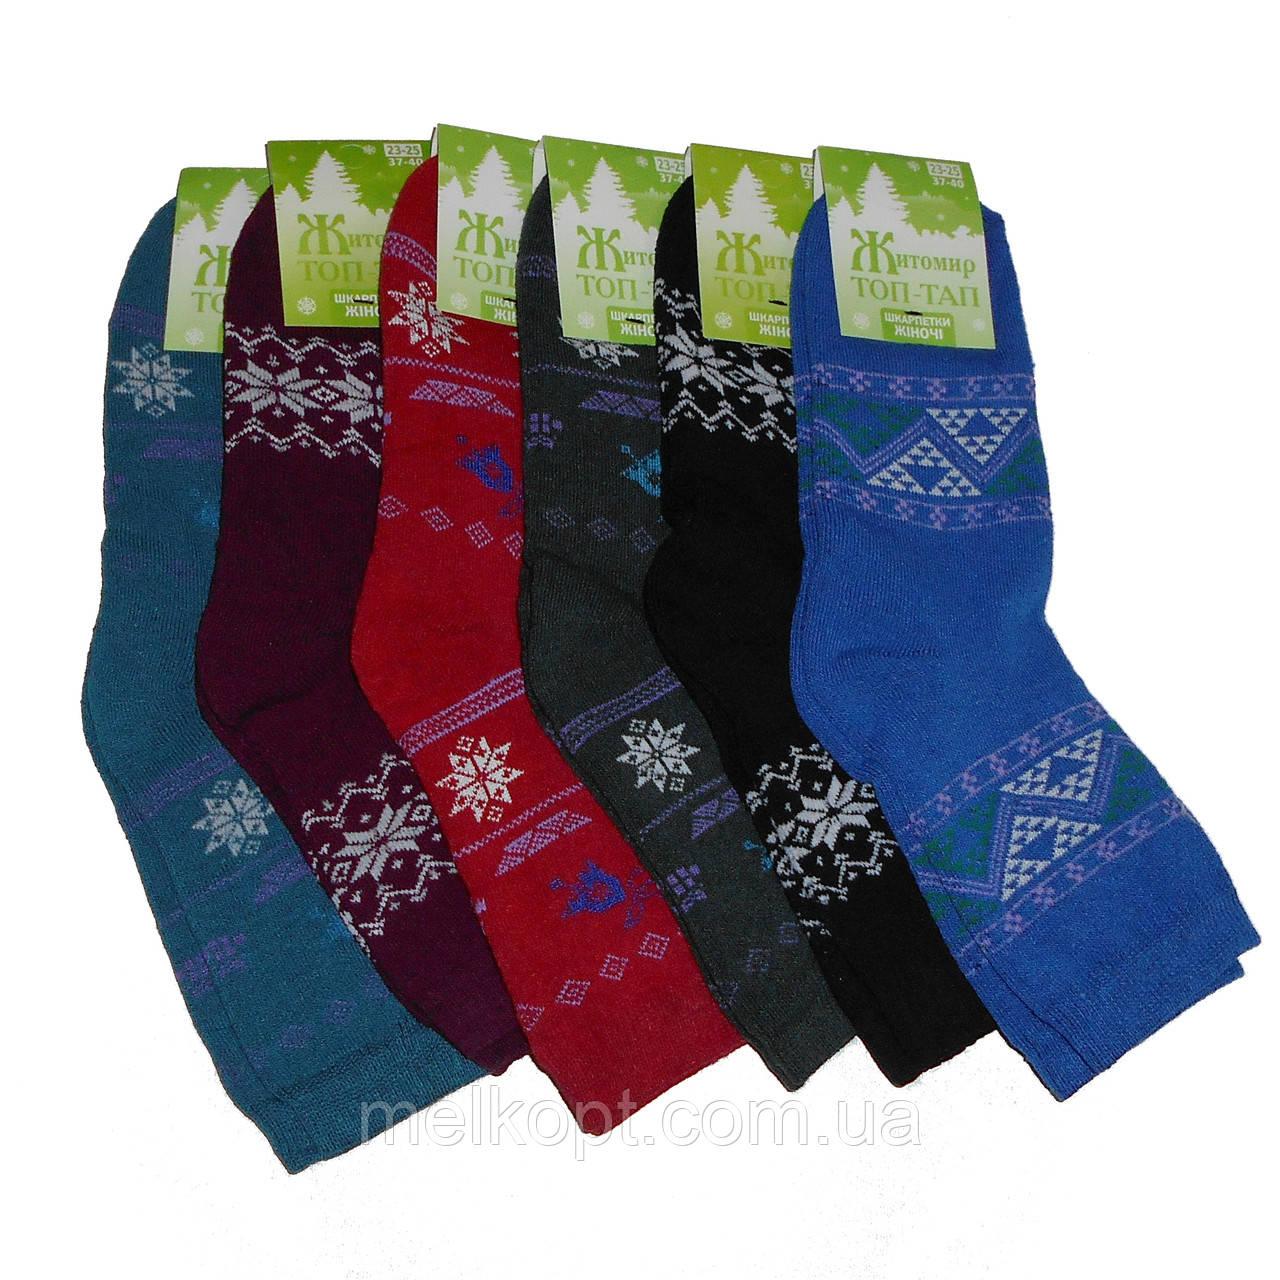 Женские махровые носки Топ-Тап - 13,25 грн./пара (орнамент 3)